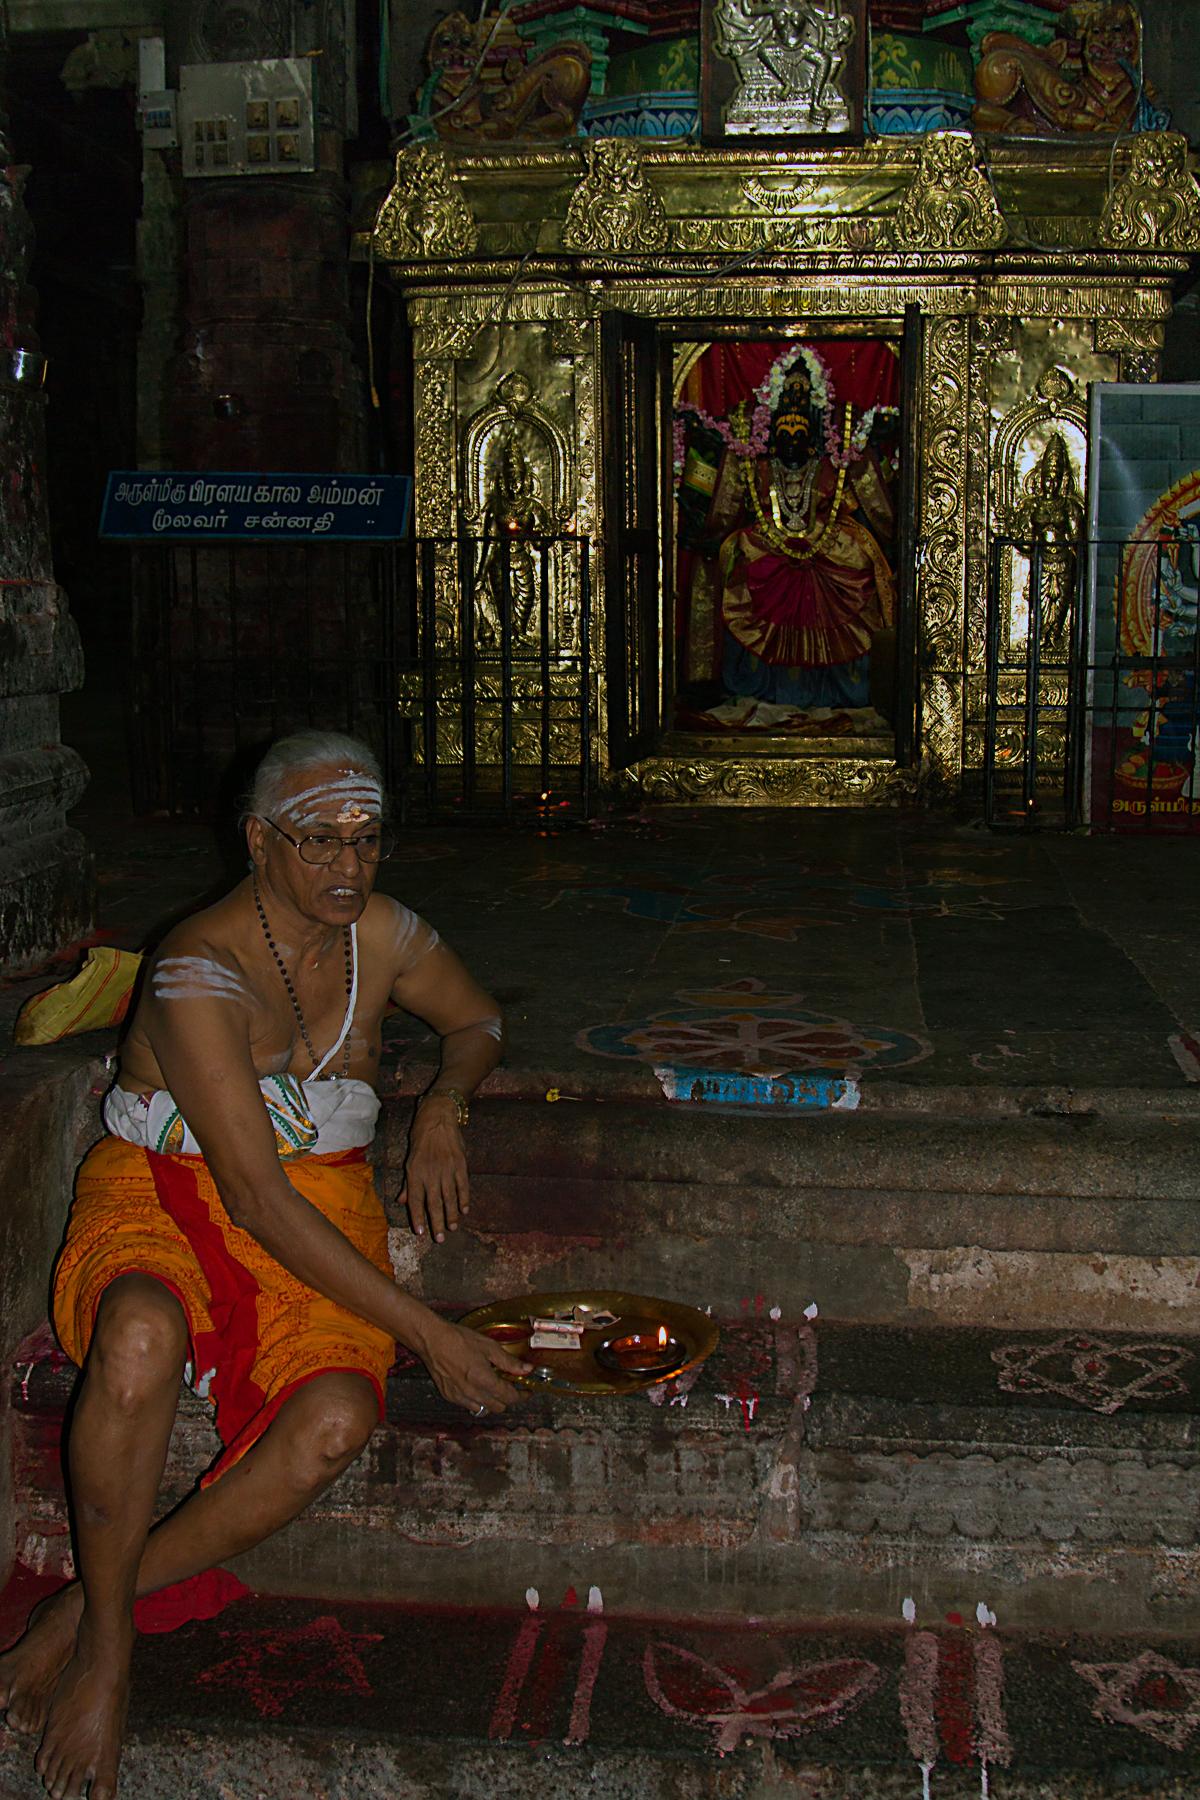 INDIEN Chennai Menschen Tempel FINEST-onTour 7489.jpg